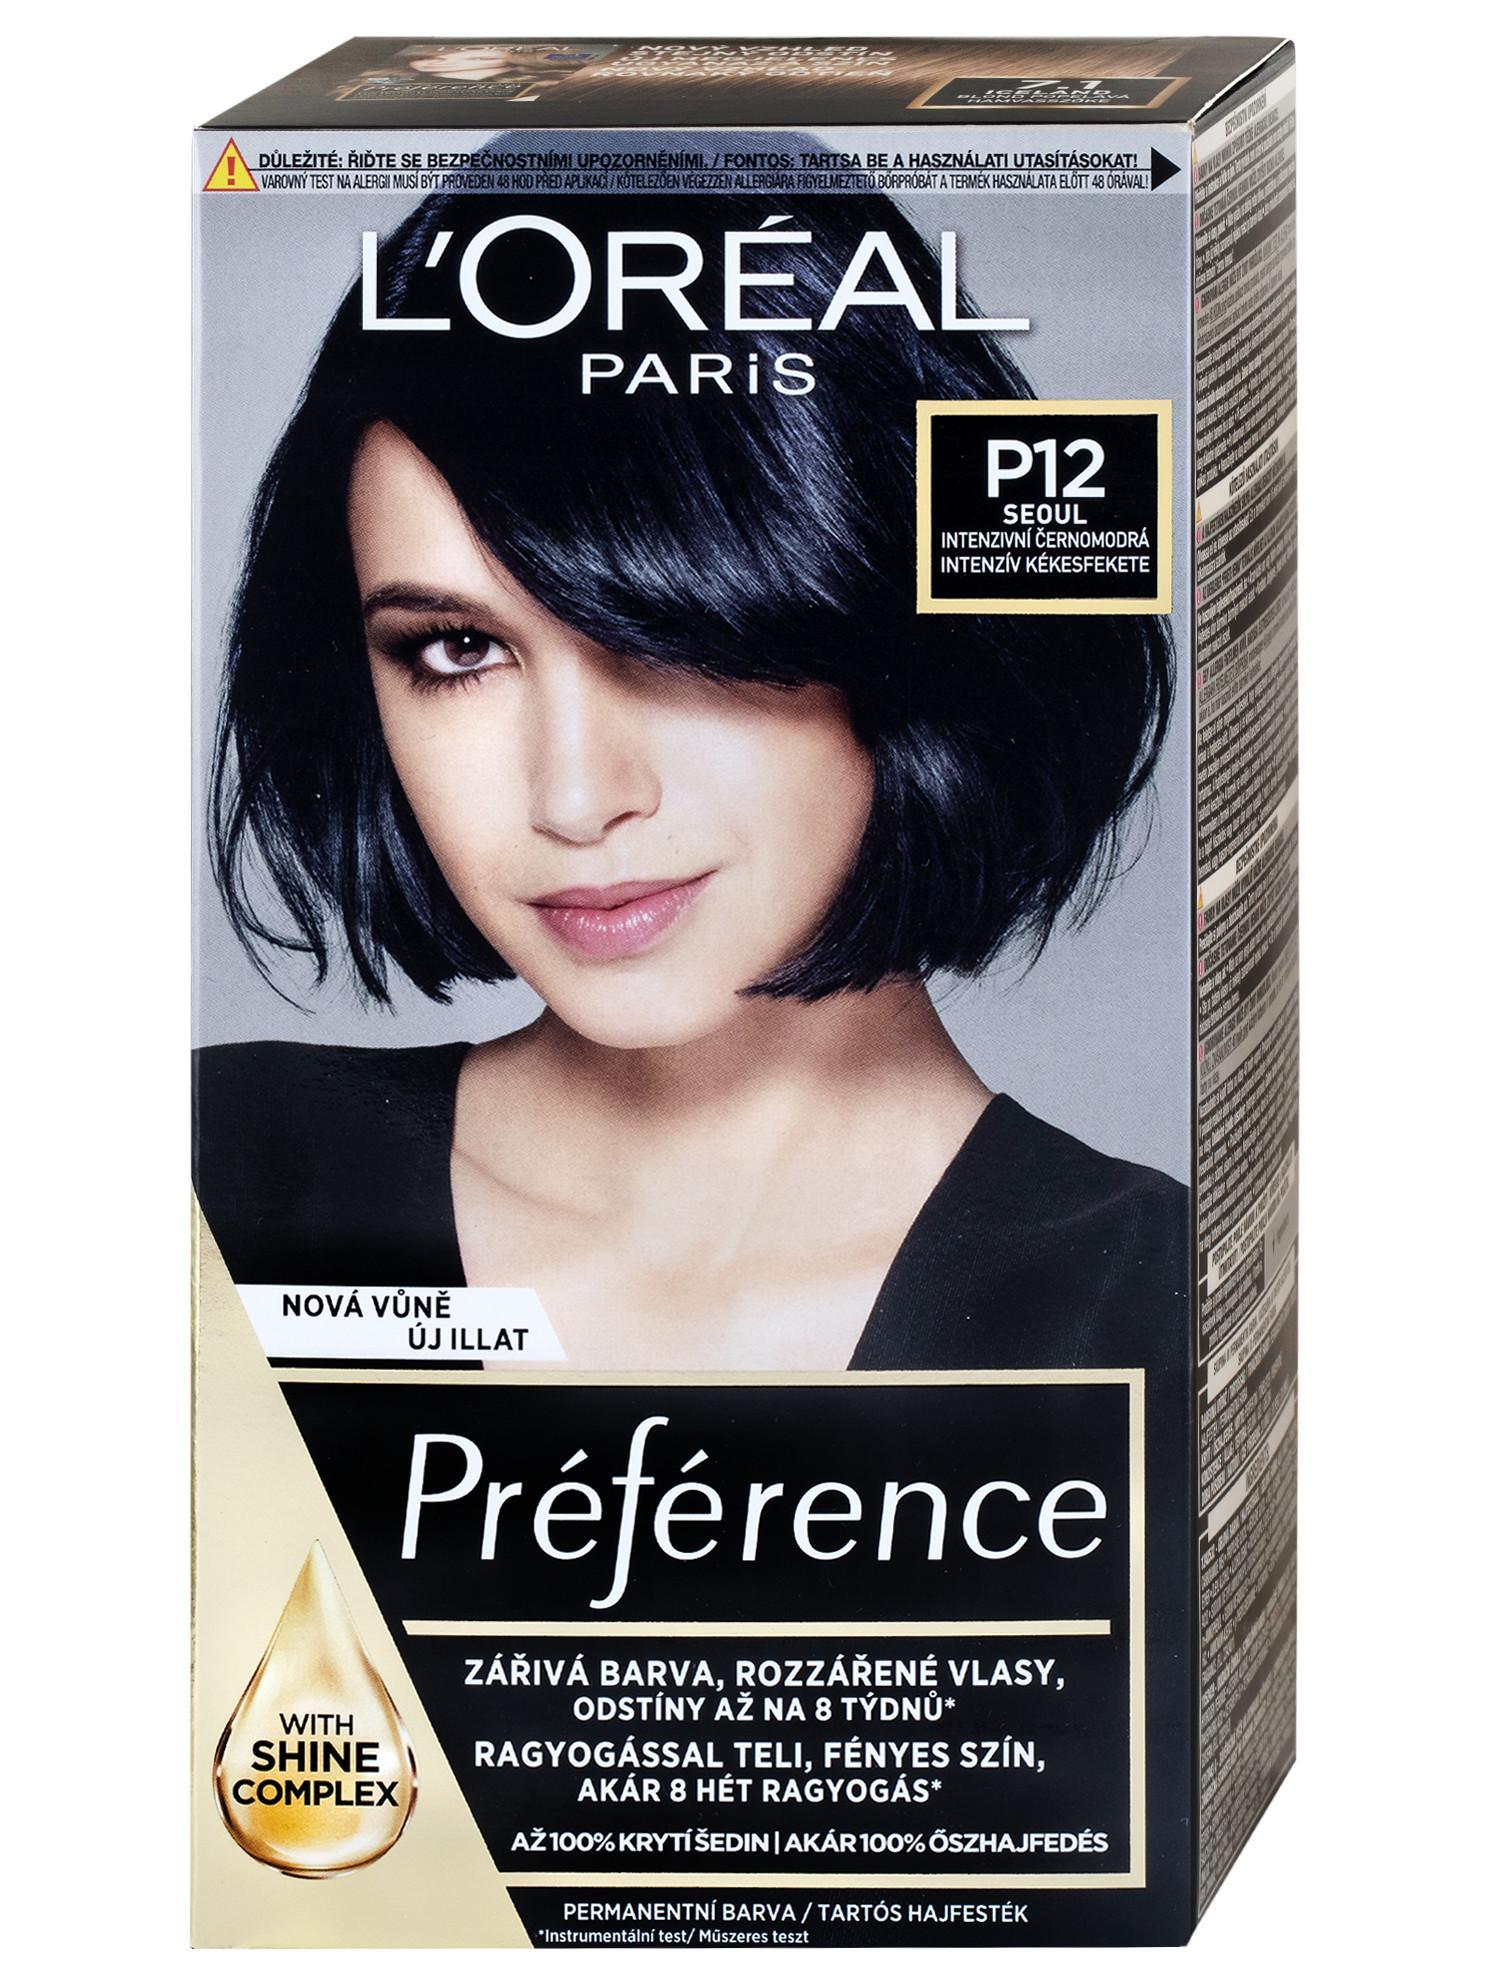 Permanentní barva Loréal Préférence P12 intenzivní černomodrá + DÁREK ZDARMA